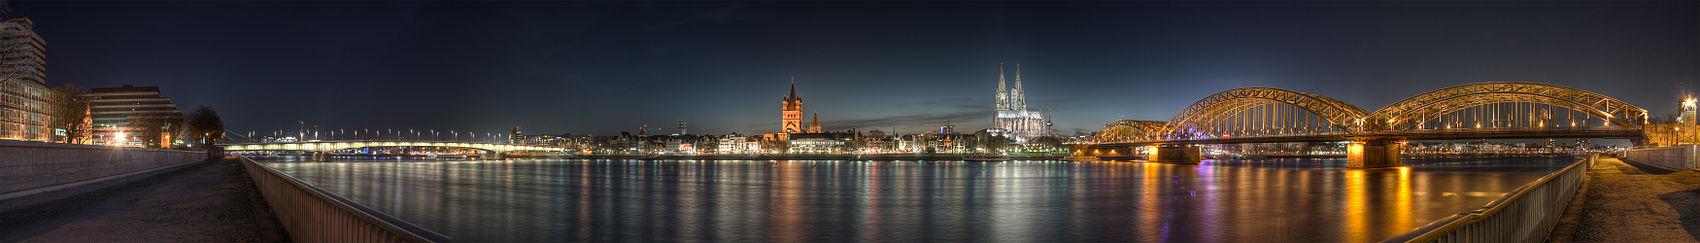 Вид на старый город с противоположного берега Рейна в сумерках